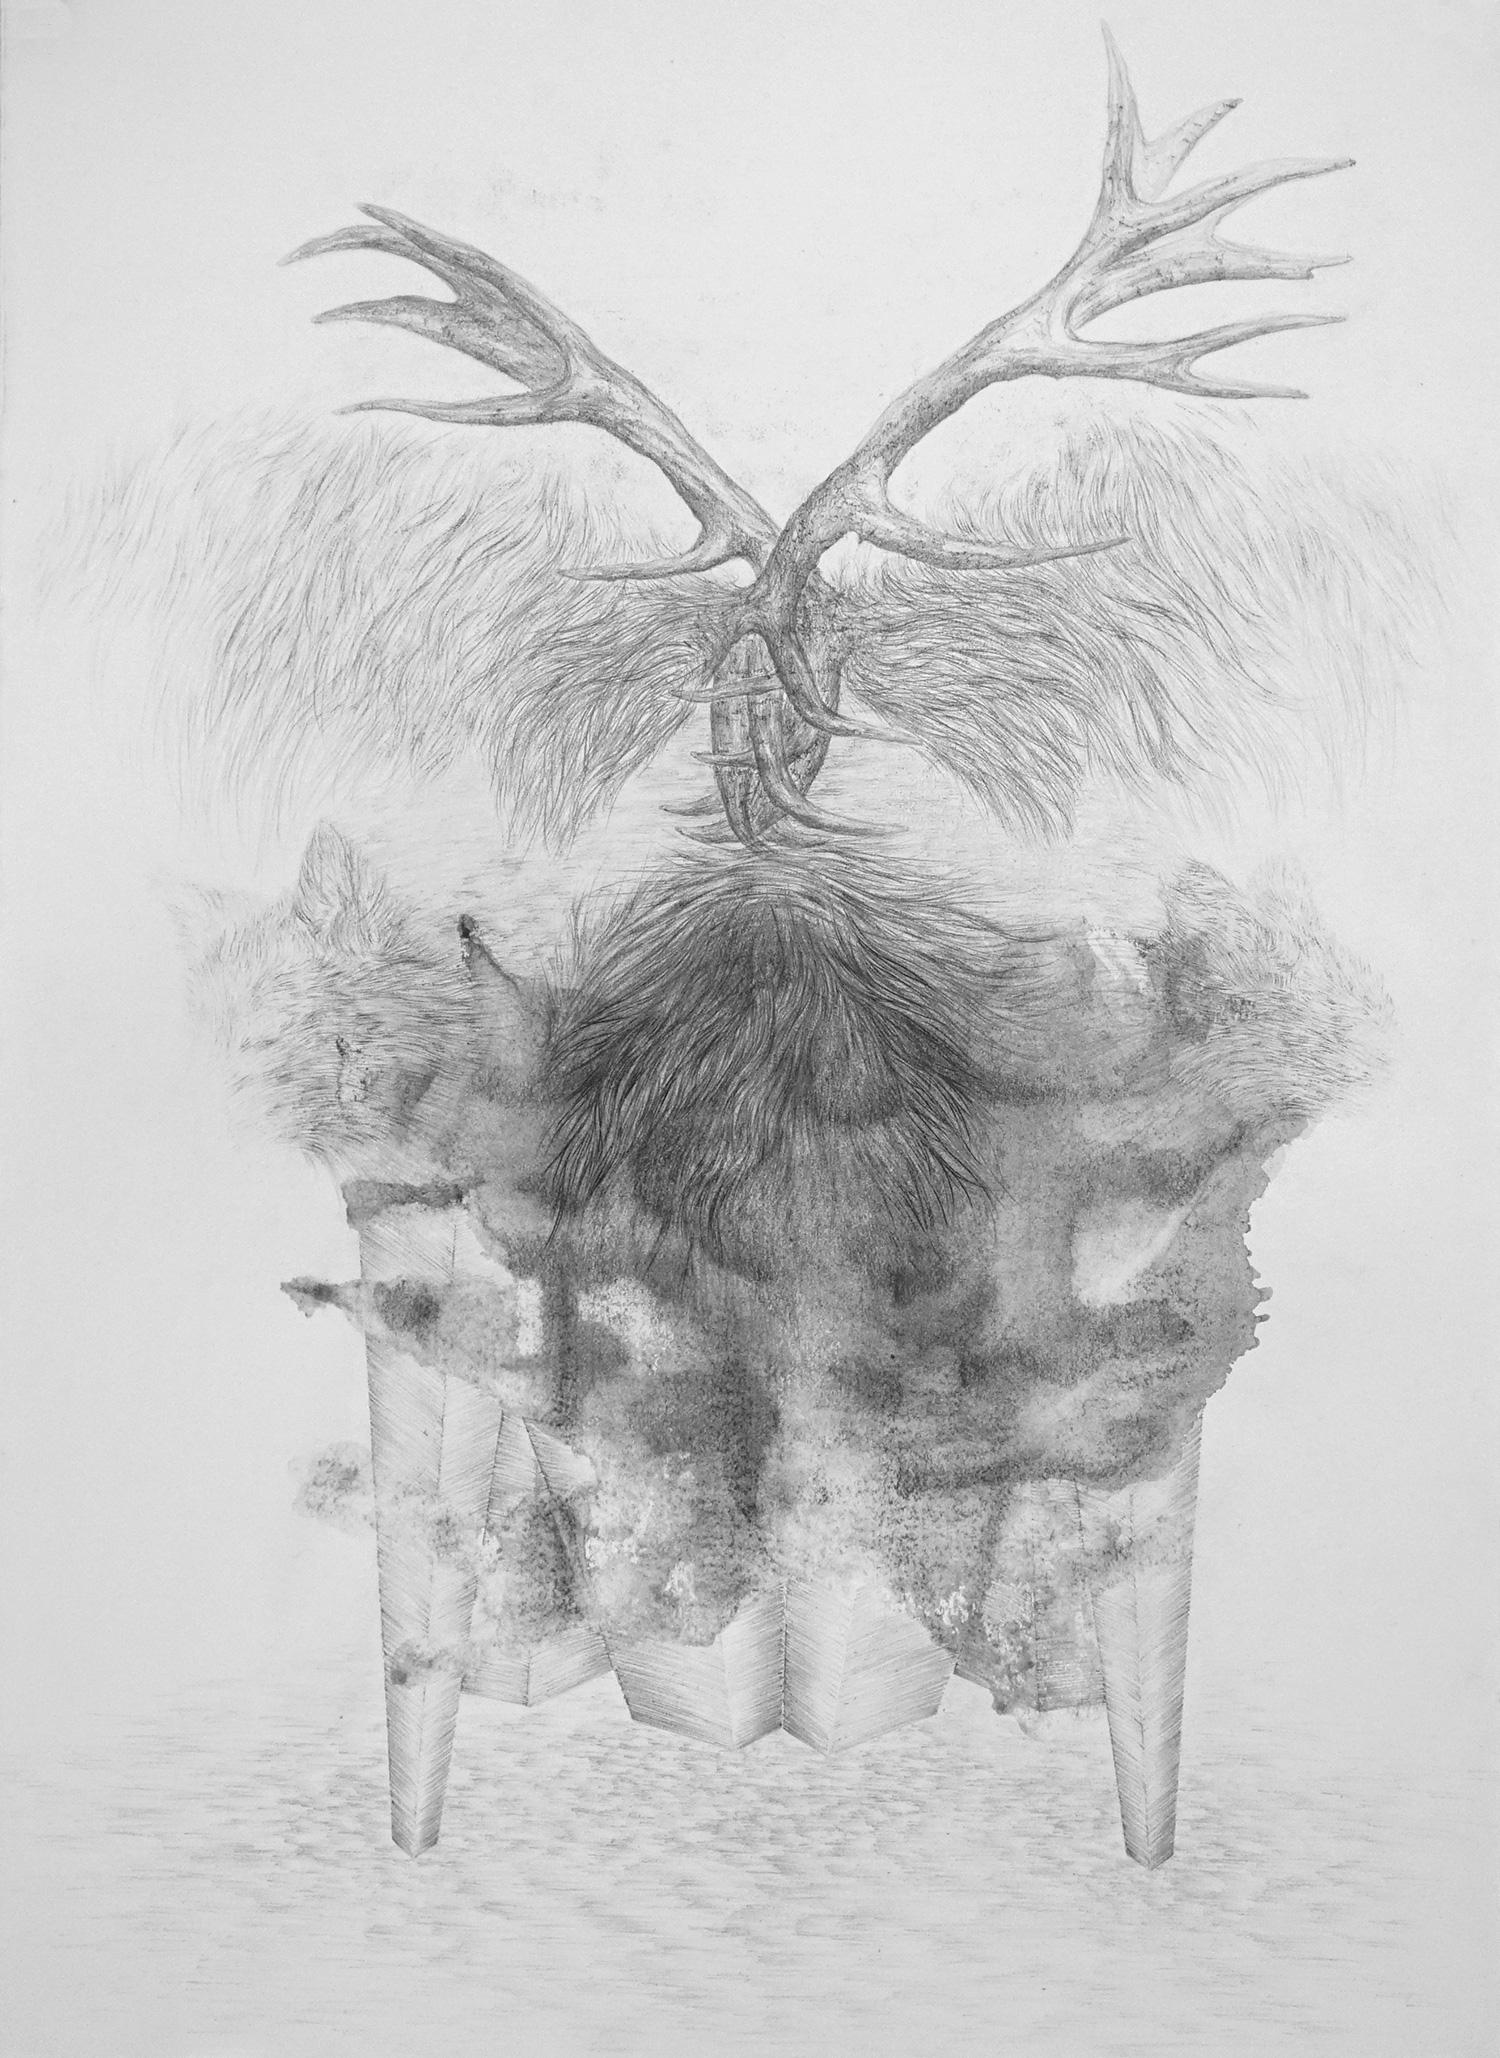 <i>autel</i>, 2018, graphite, 76x56cm